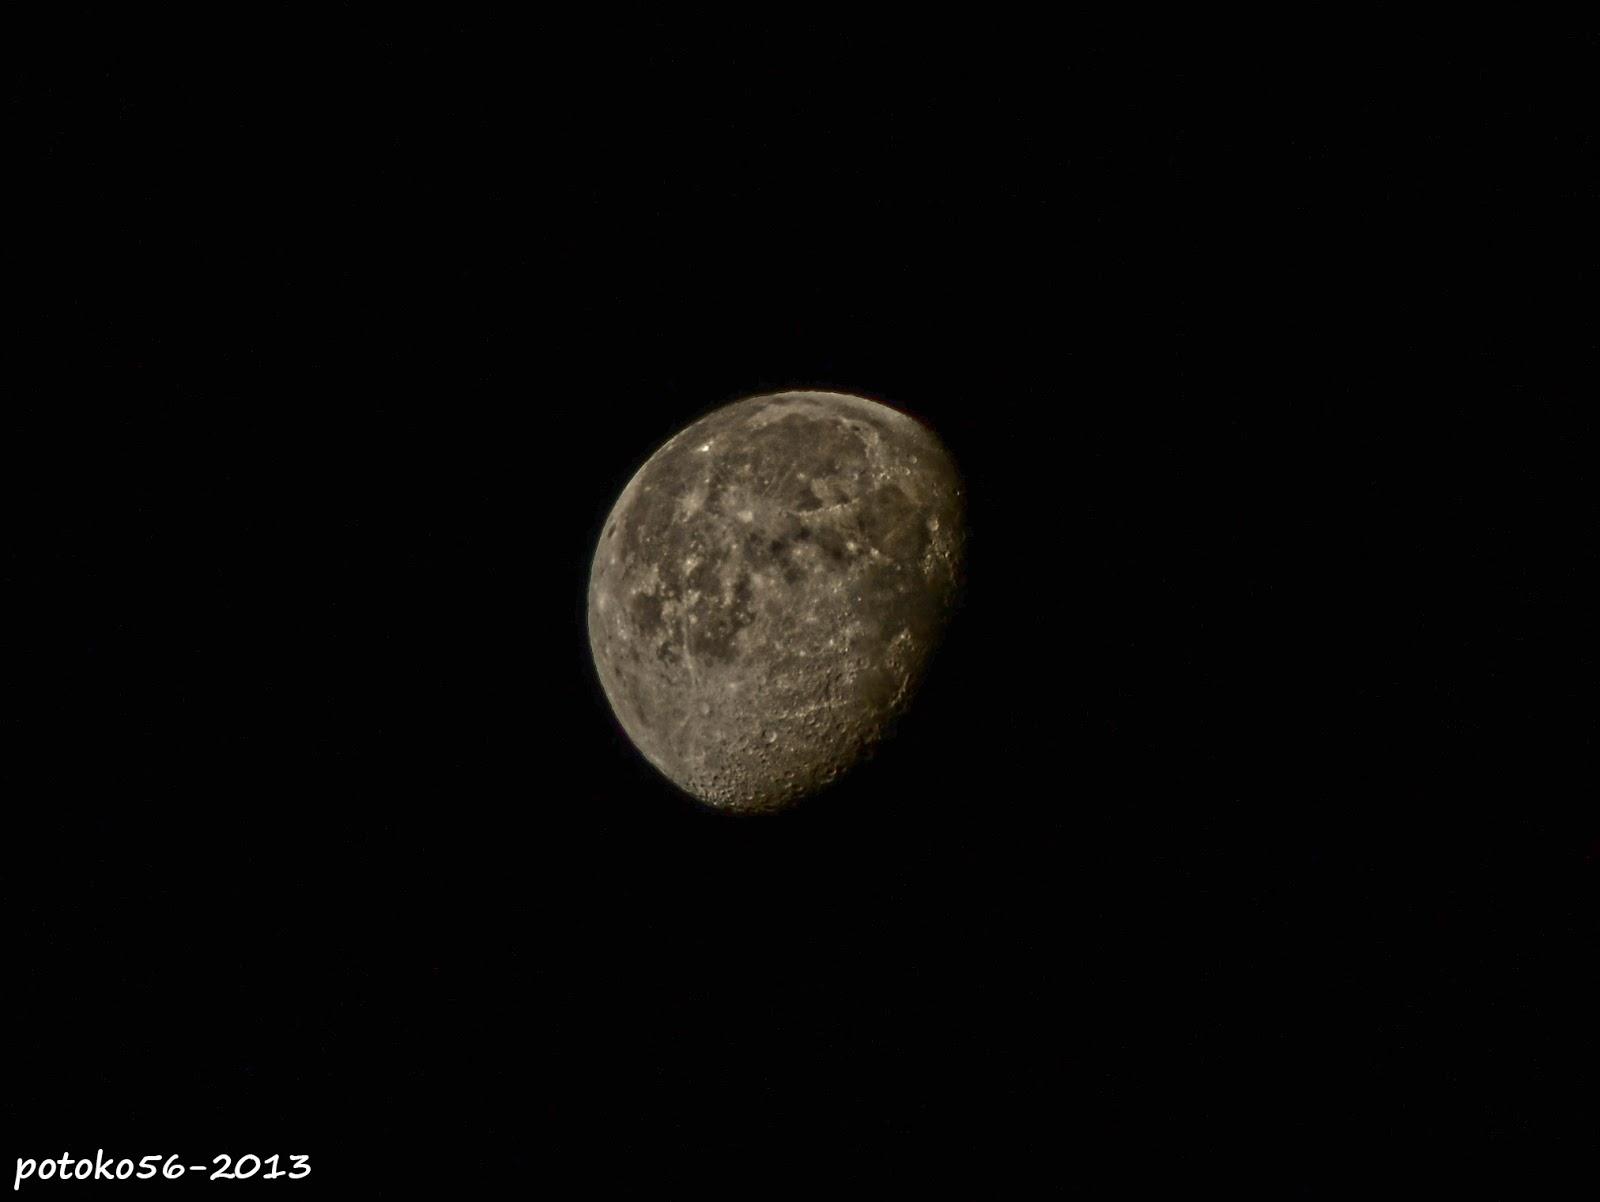 la luna menguante madrugada de Rota